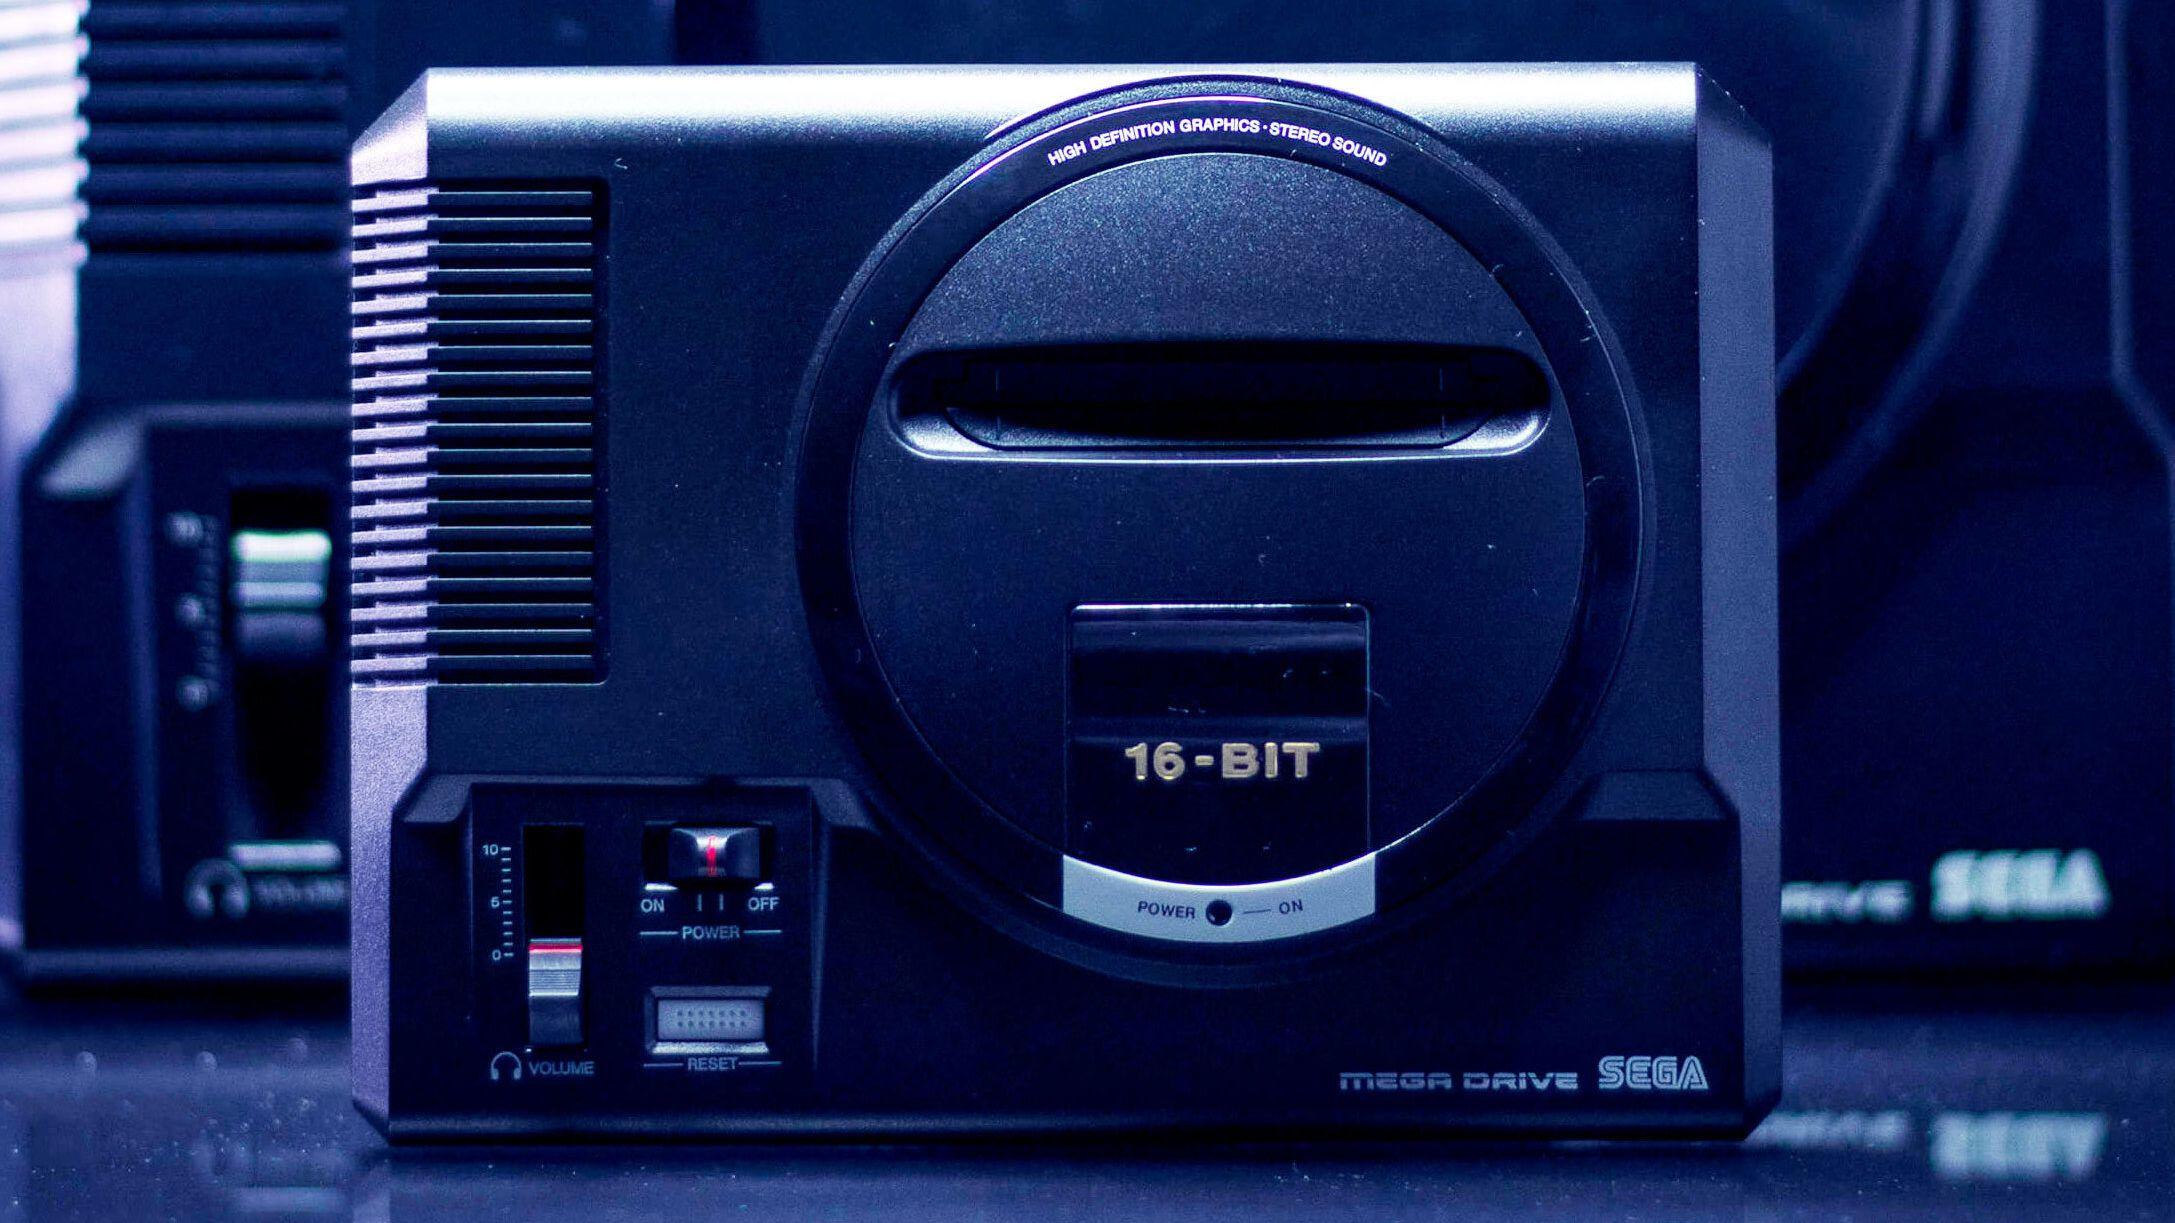 Imponerende spillutvalg avslørt for Segas retrokonsoll